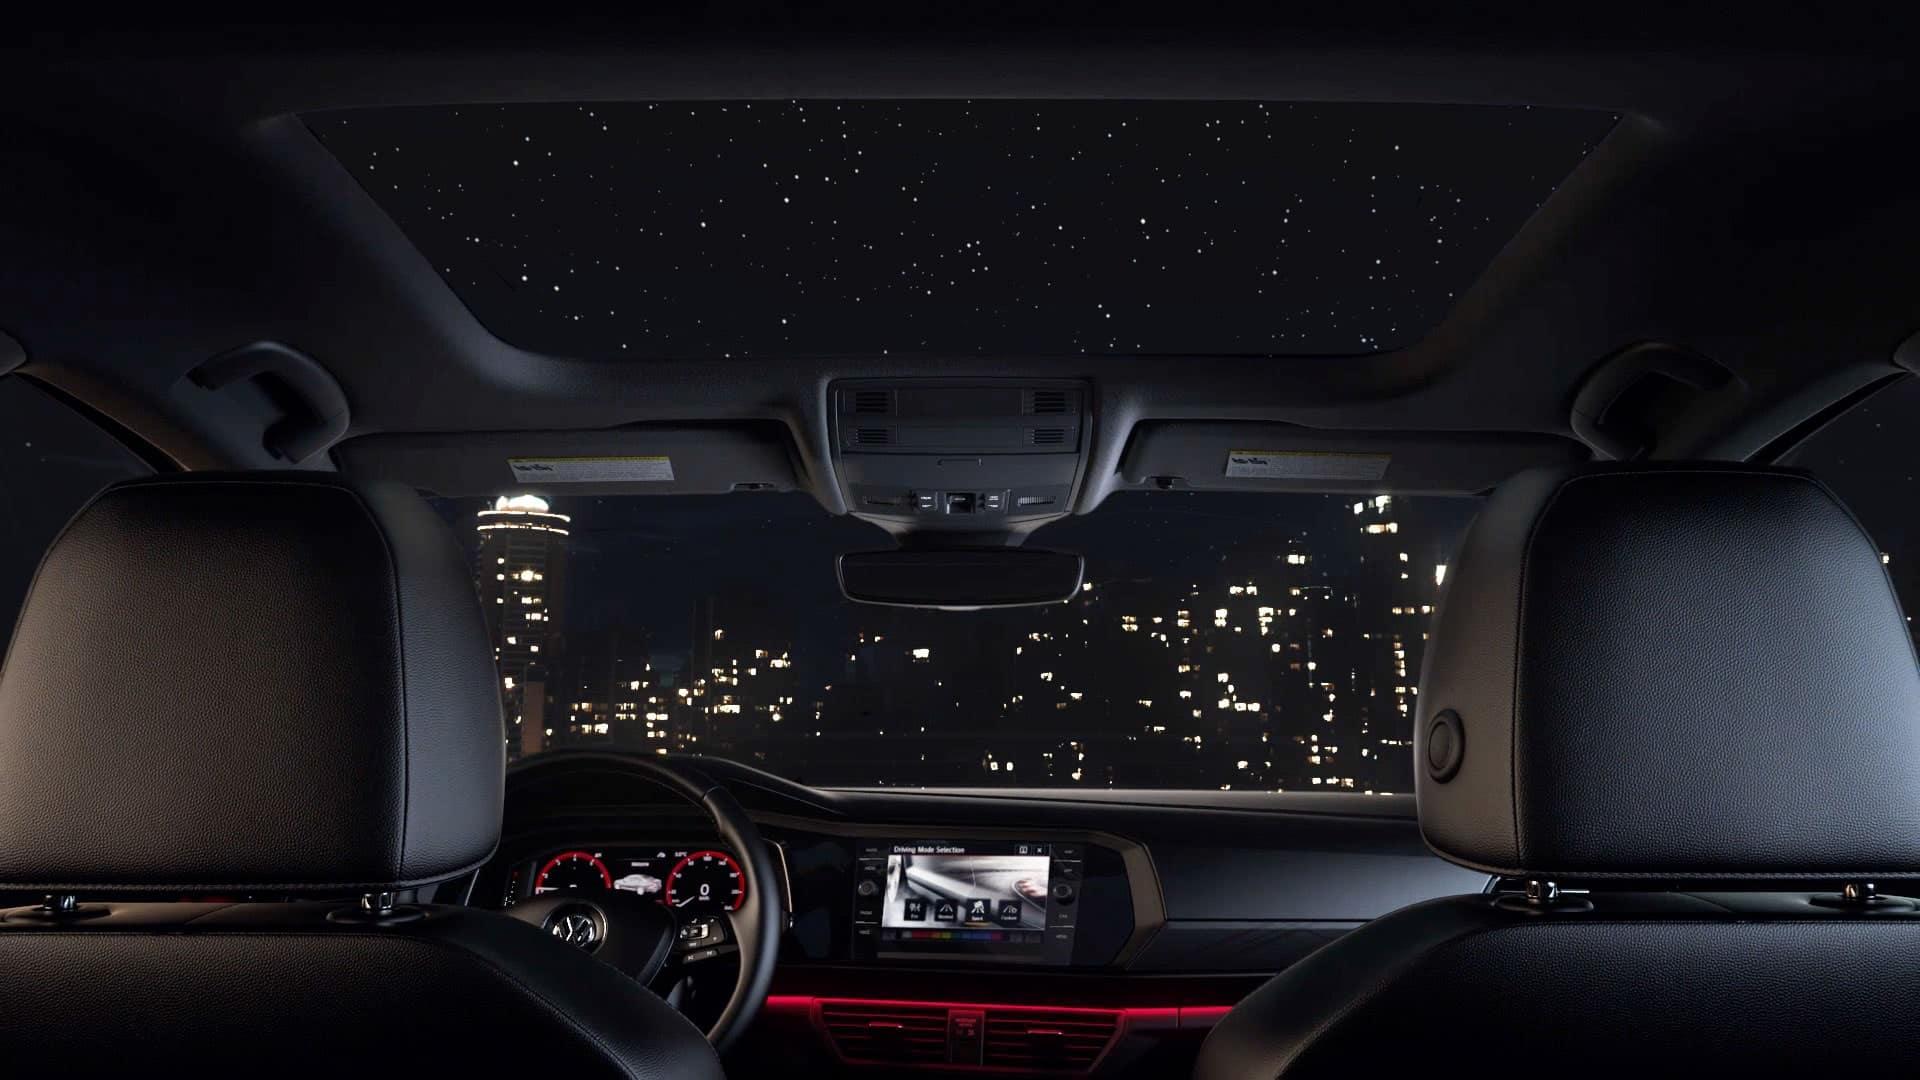 2019 VW Jetta panoramic sunroof